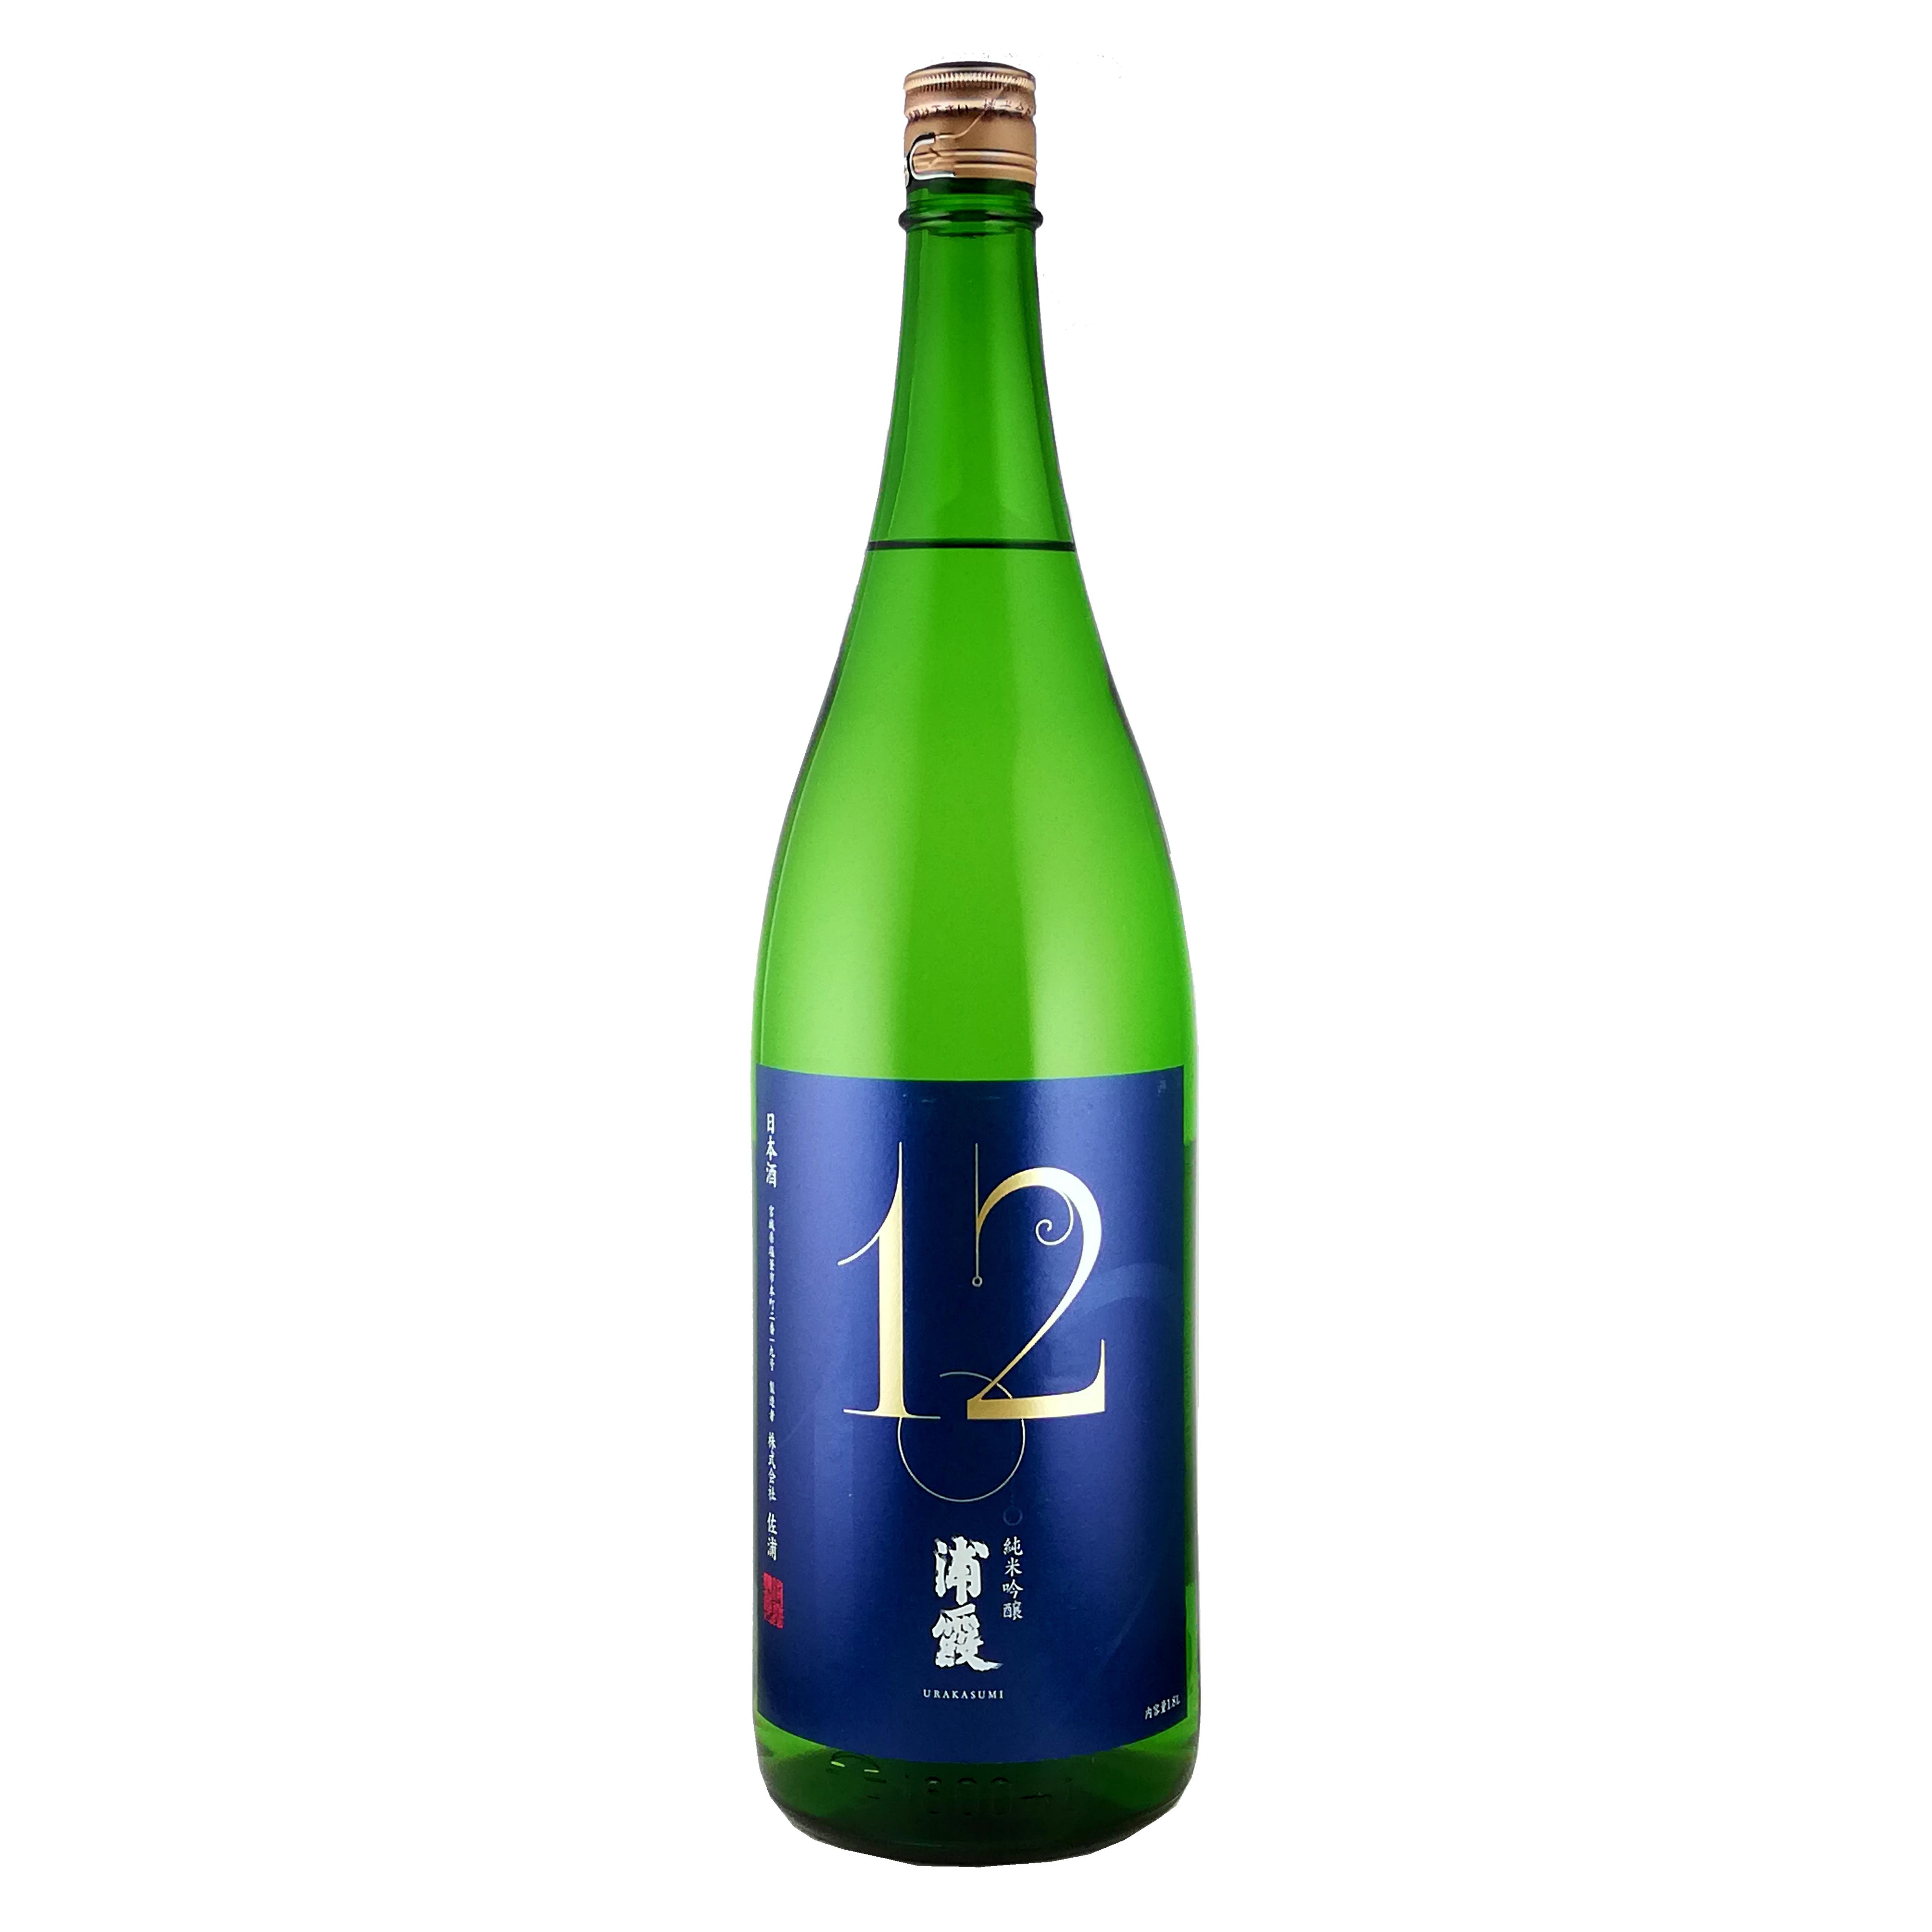 浦霞 NO.12 純米吟醸